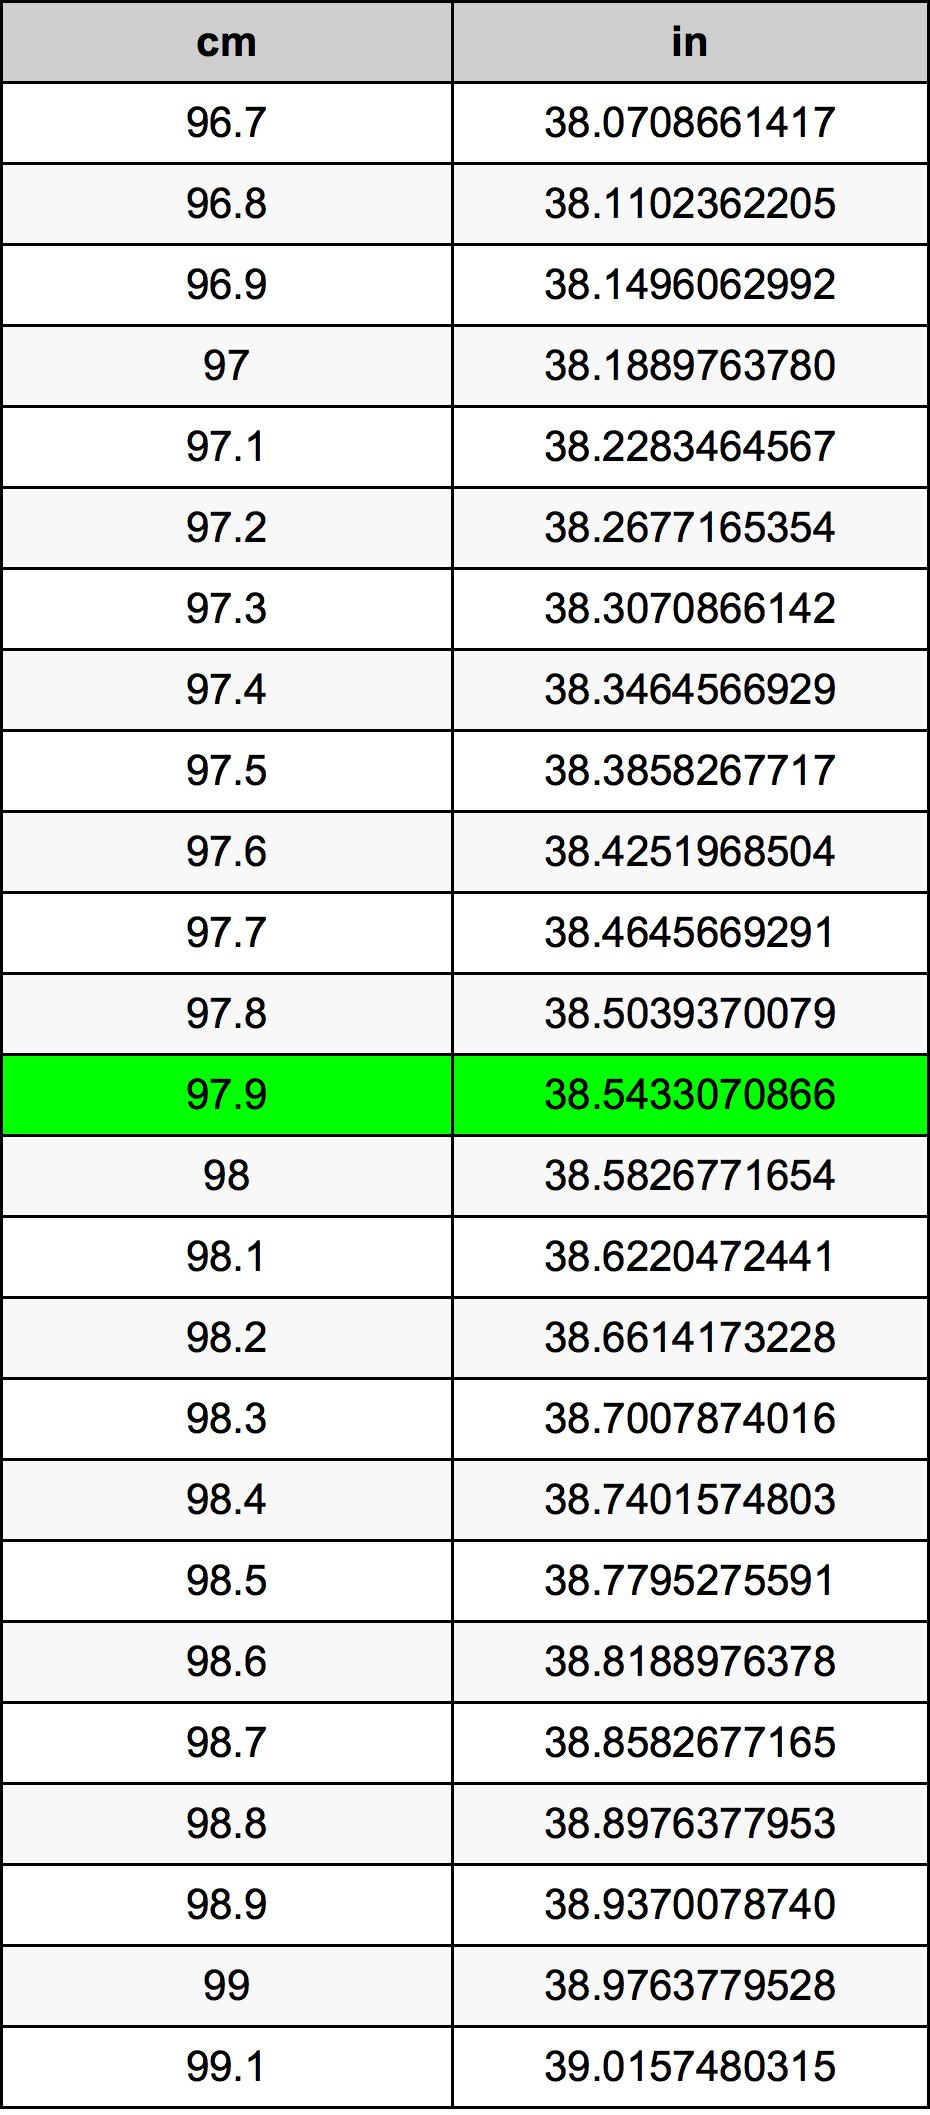 97.9厘米換算表